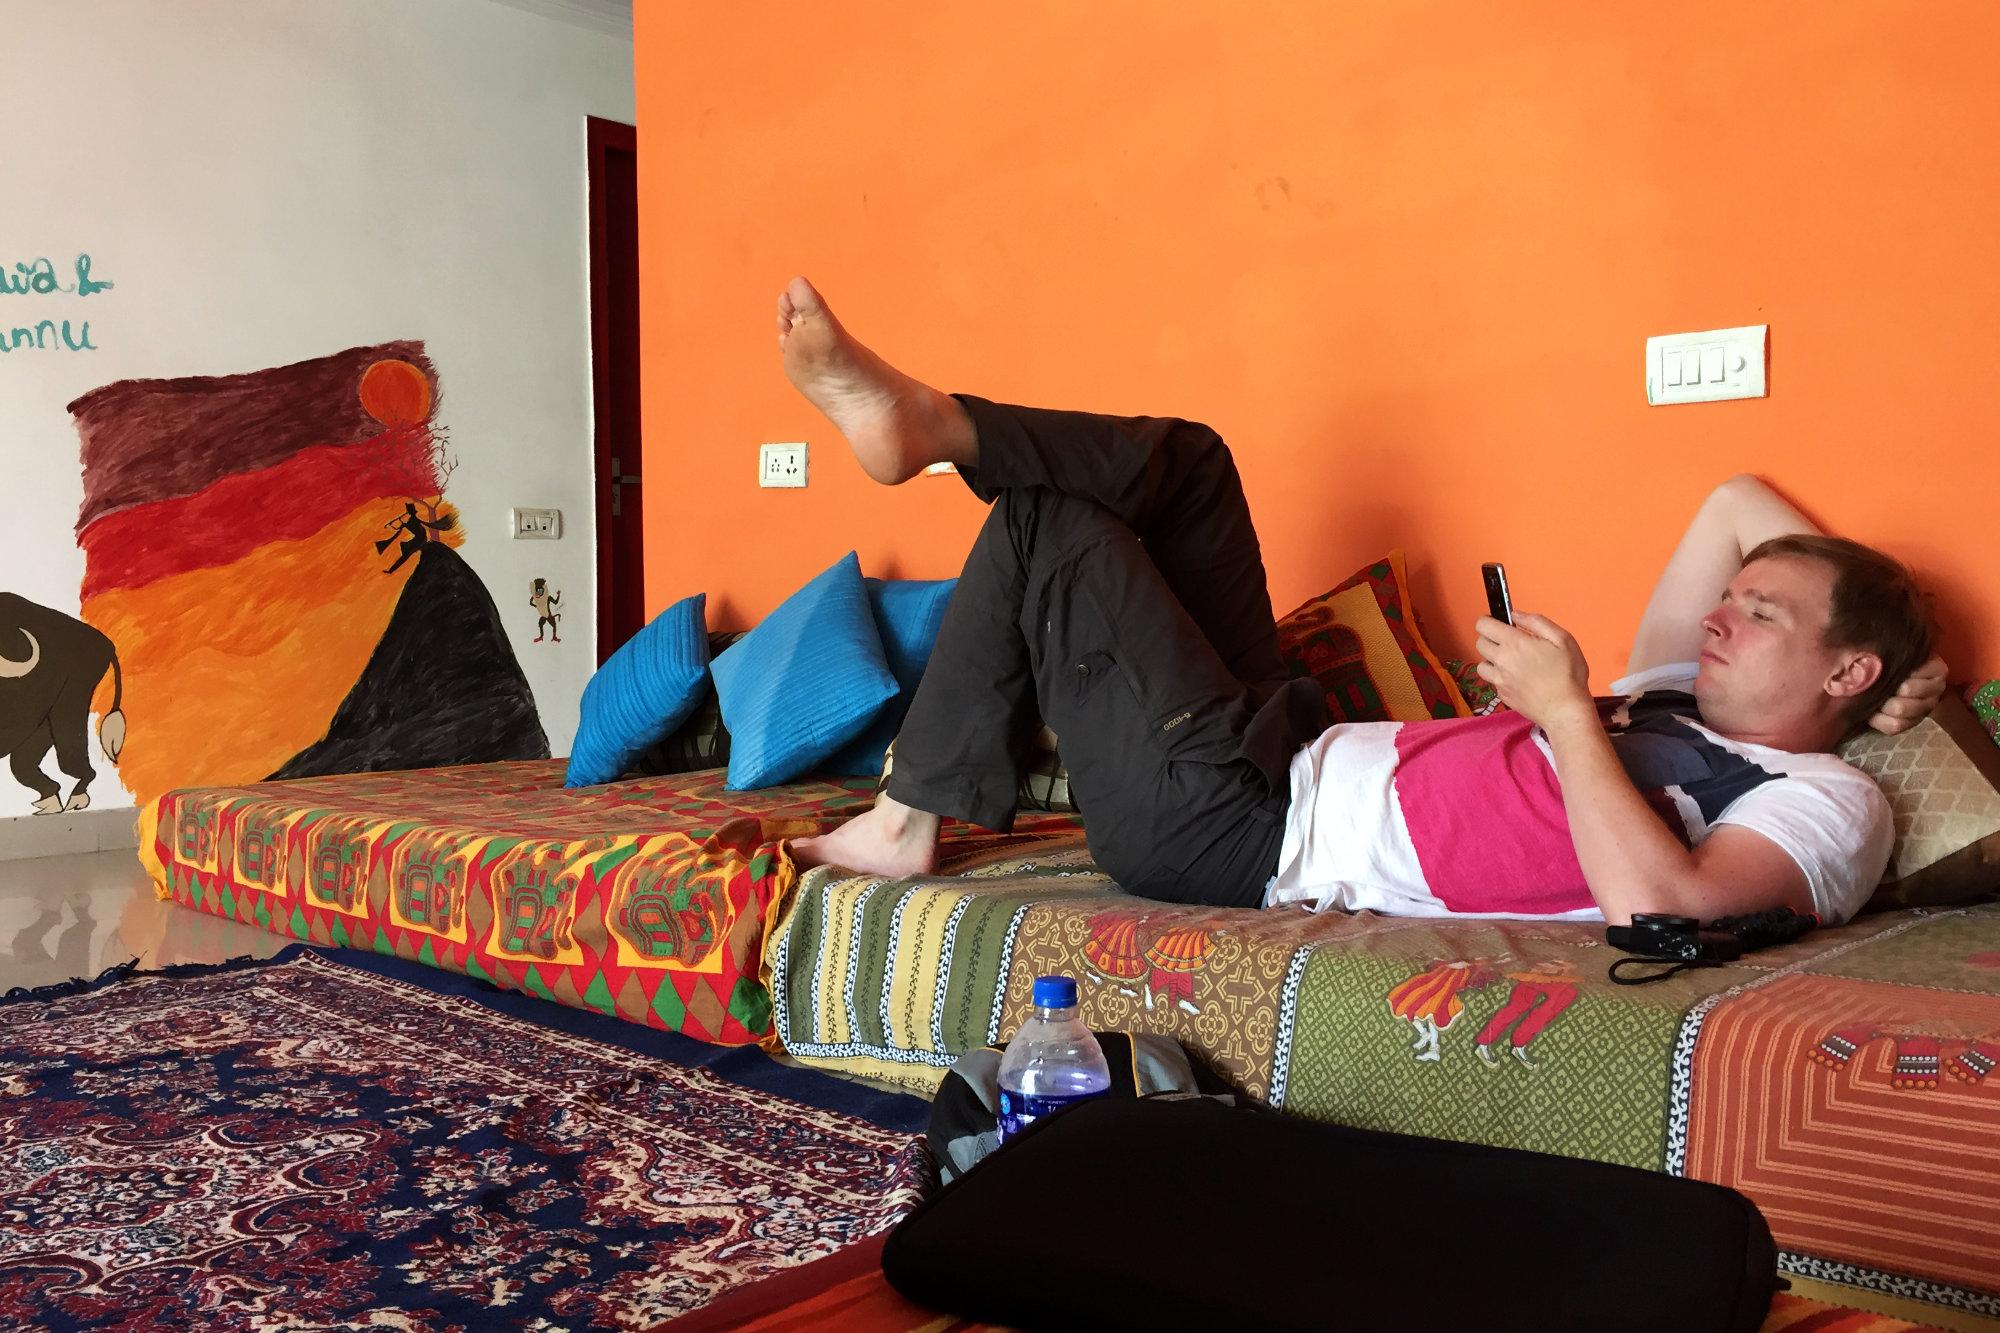 indien Agra Zostel Chillecke